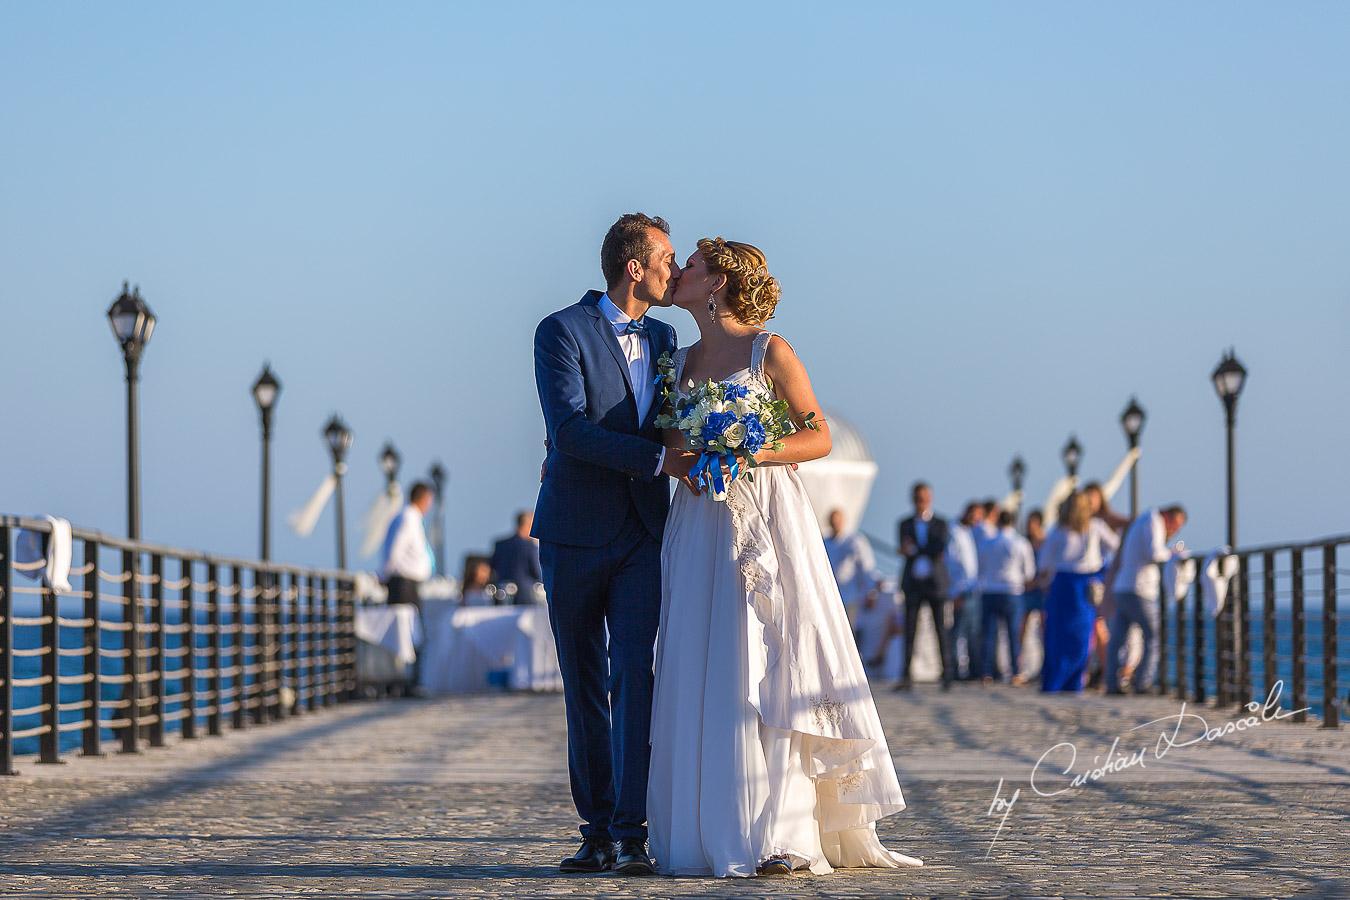 Wedding Photography at Elias Beach Hotel in Limassol by Cristian Dascalu